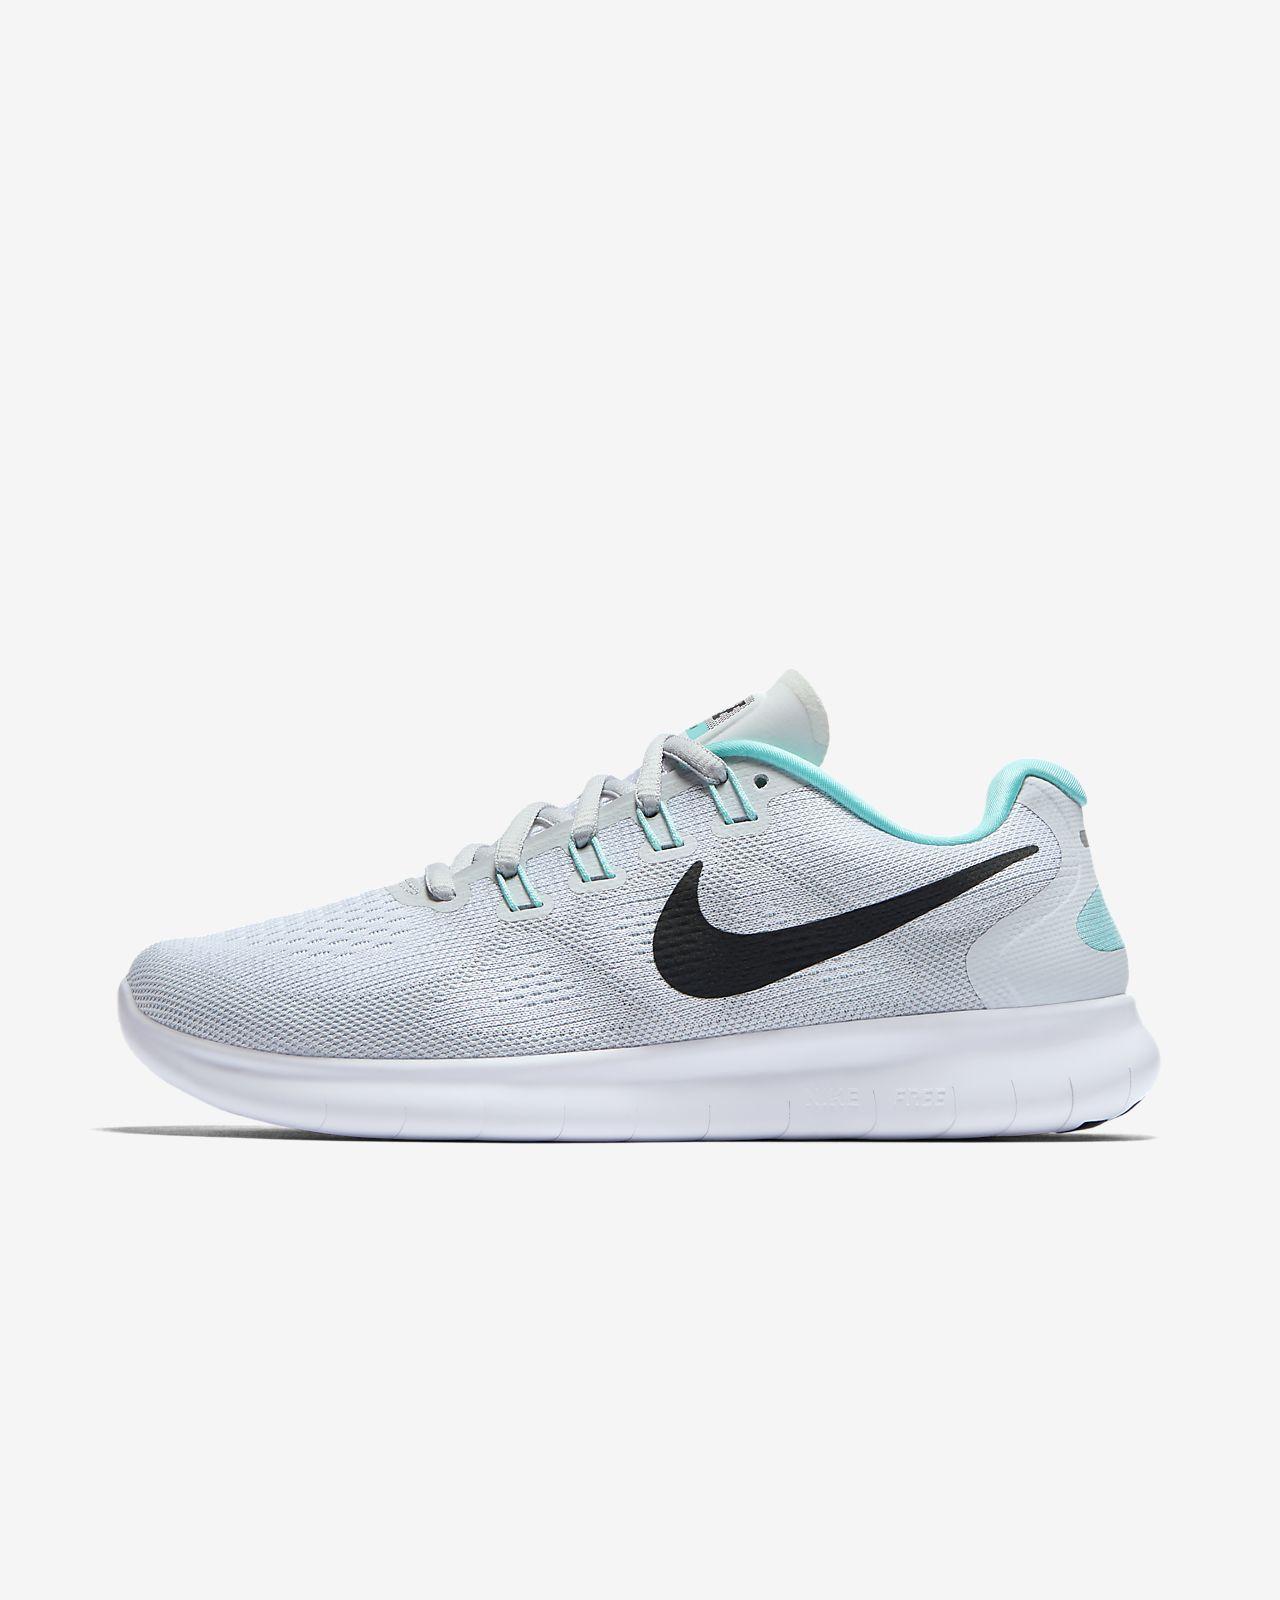 Free Run 2017 - Chaussures - Bas-tops Et Baskets Nike 0zSl1